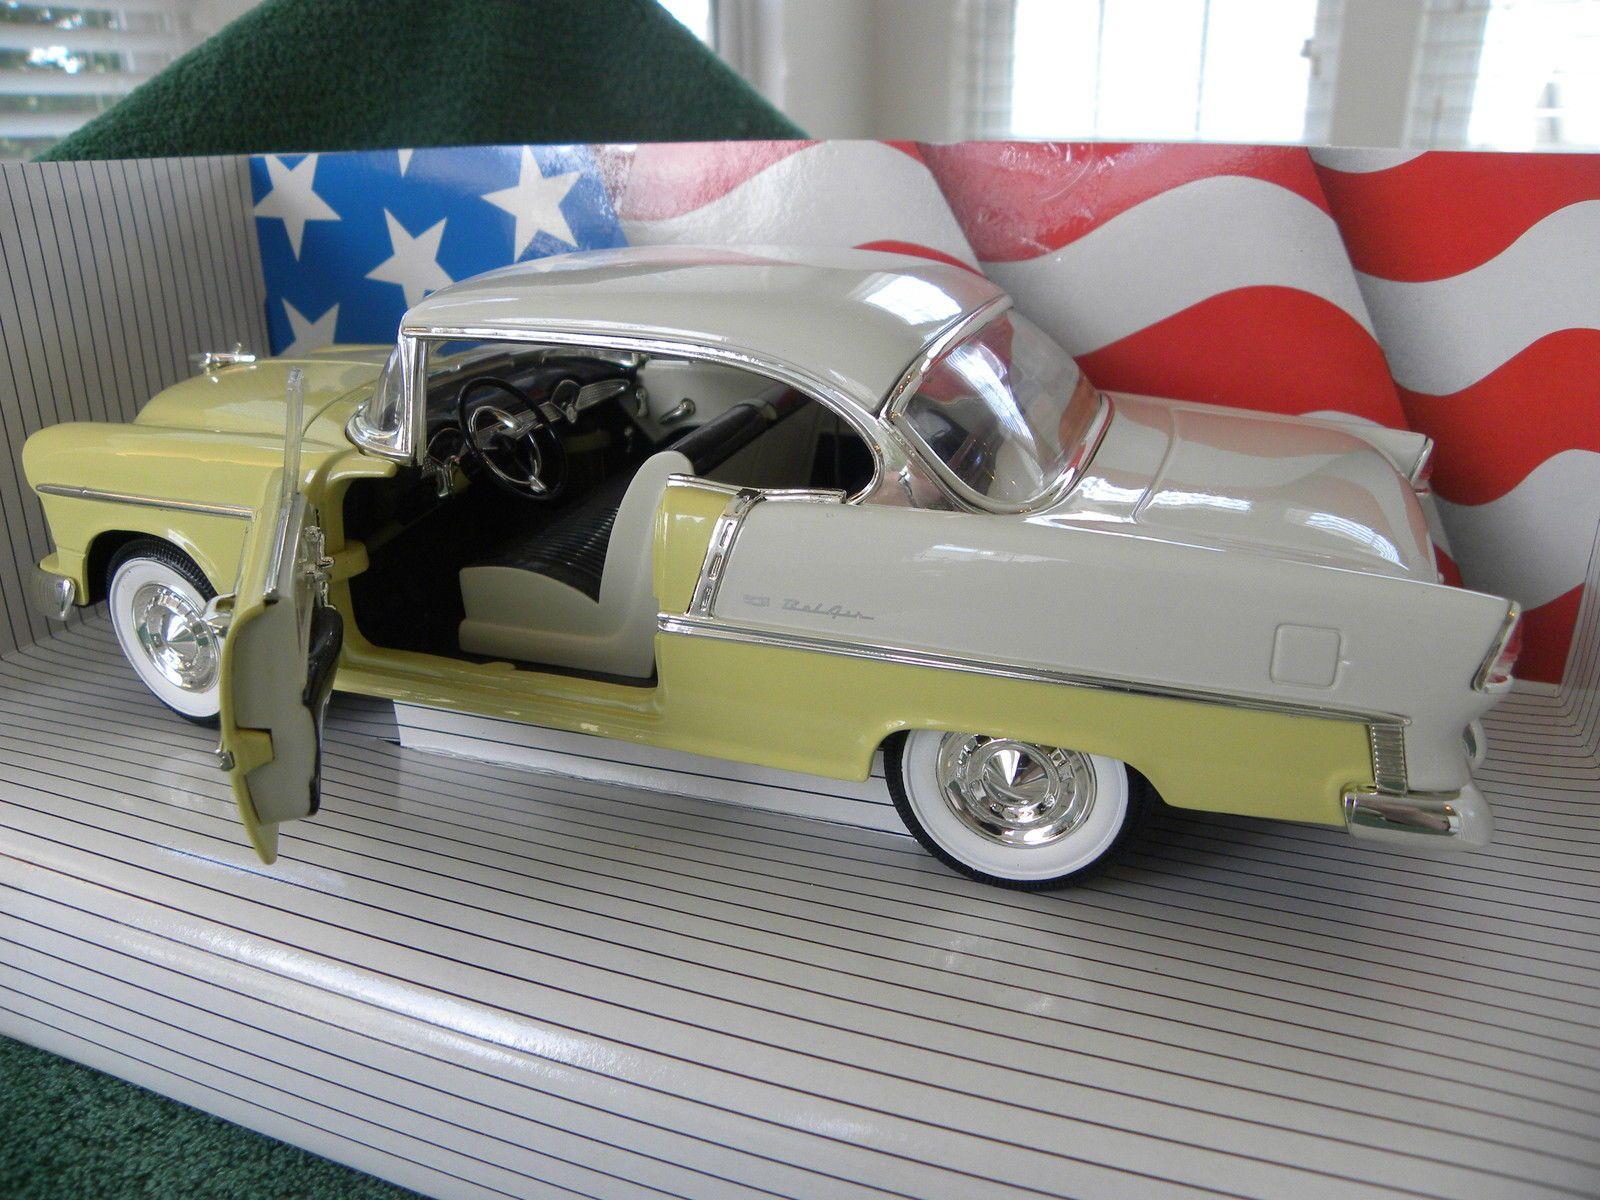 Ertl 1955 American Muscle Chevy Bel Air 1 18 Diecast Car   eBay